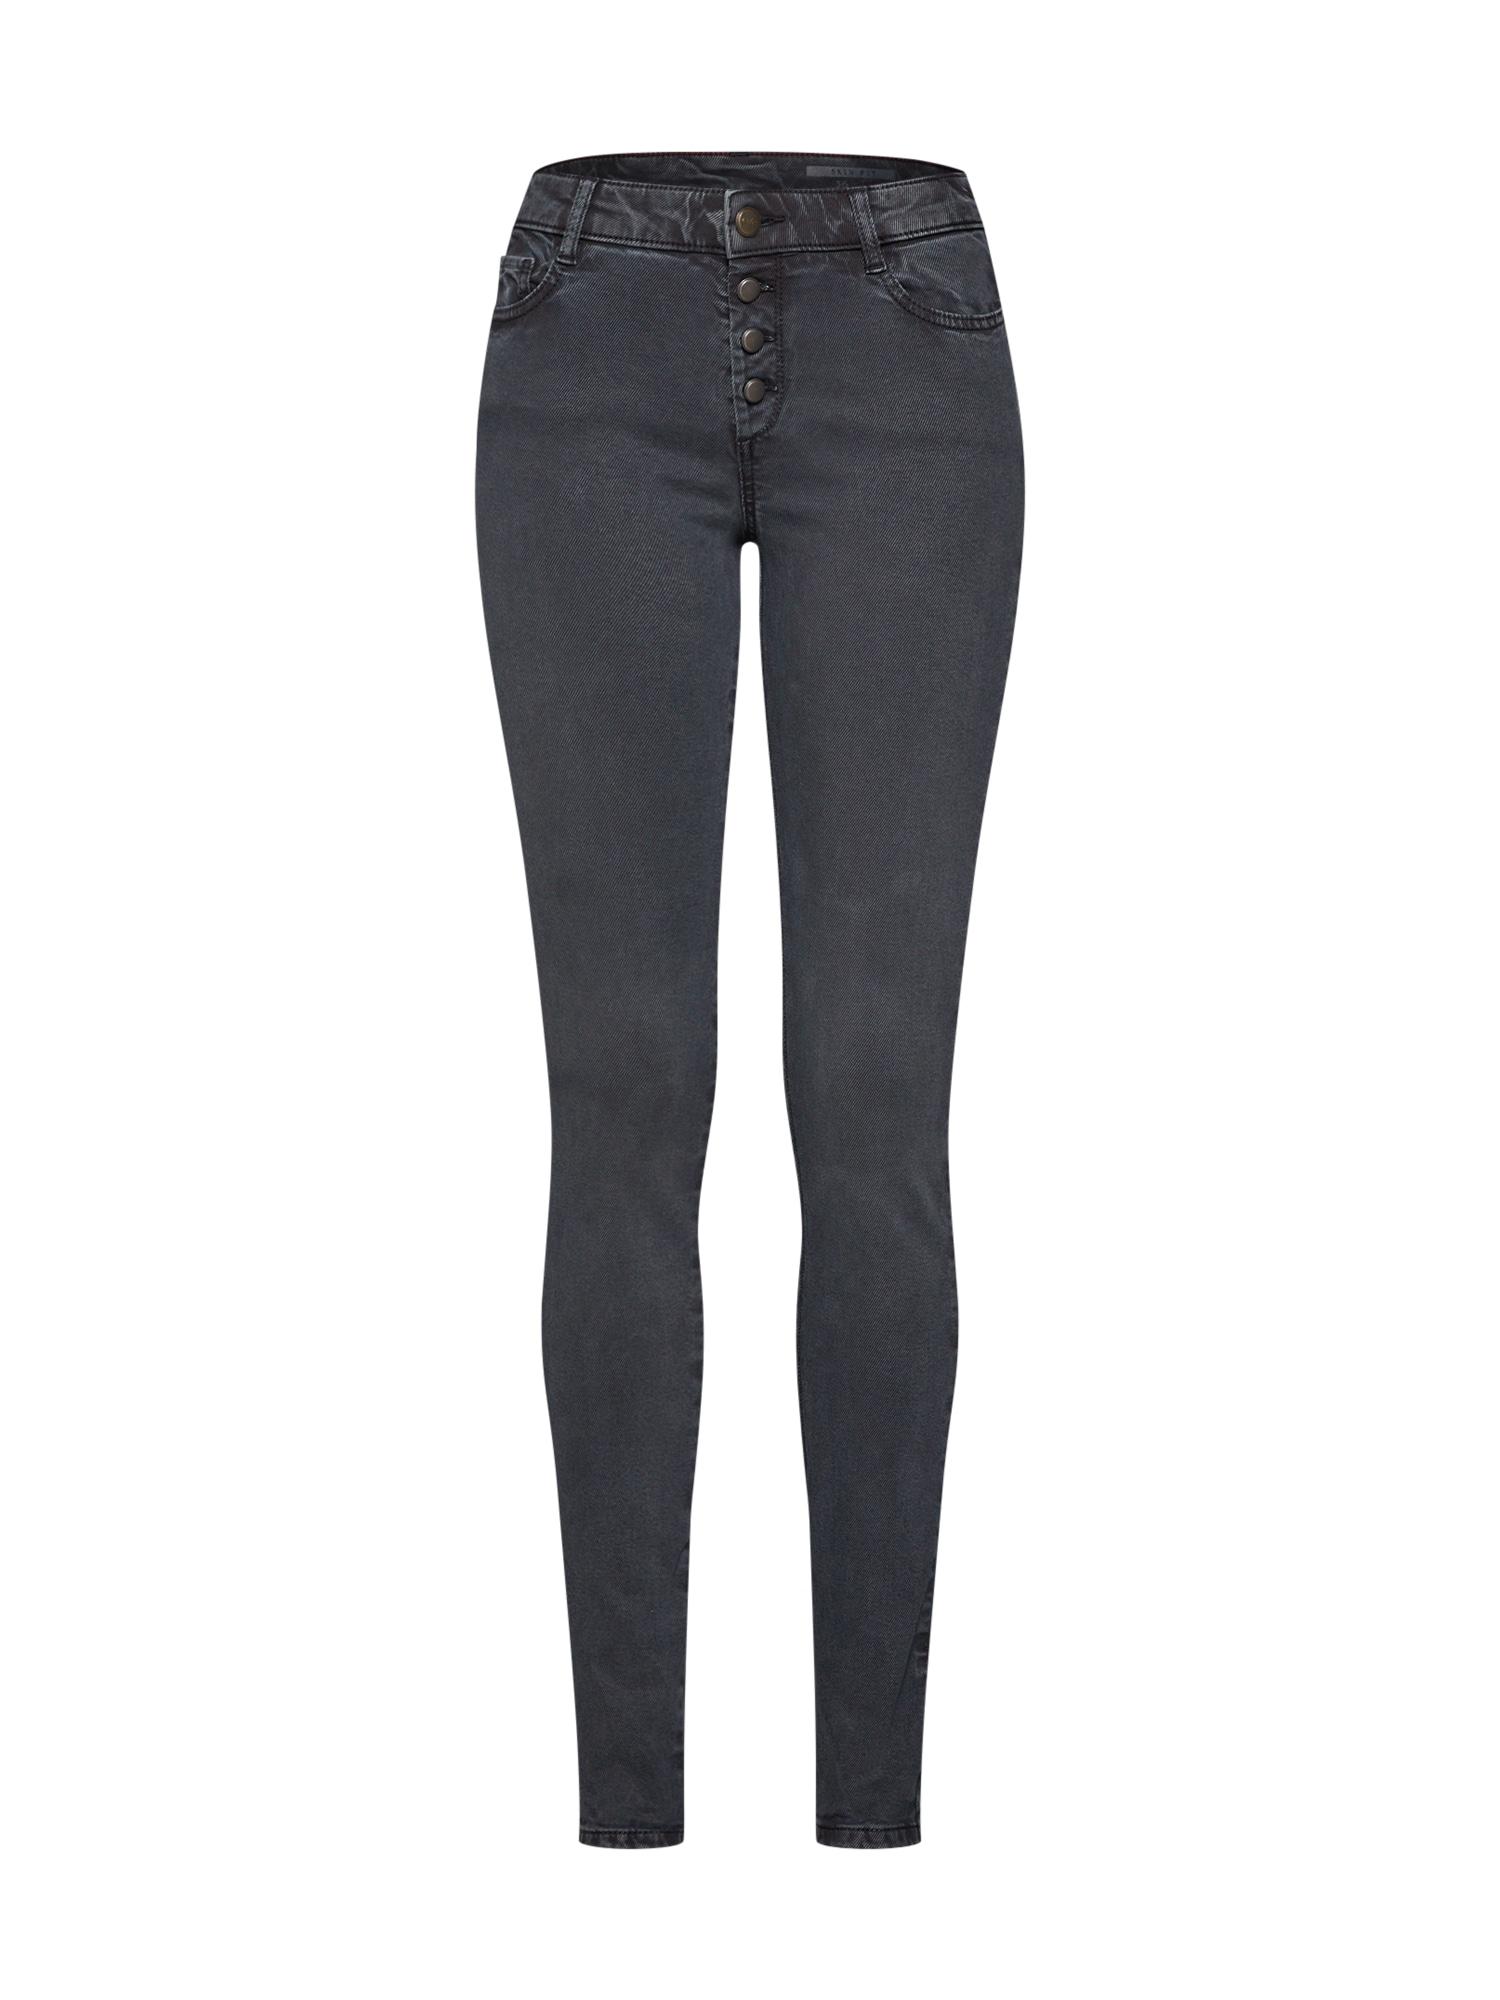 Kalhoty MR Skinny Pants woven tmavě šedá EDC BY ESPRIT